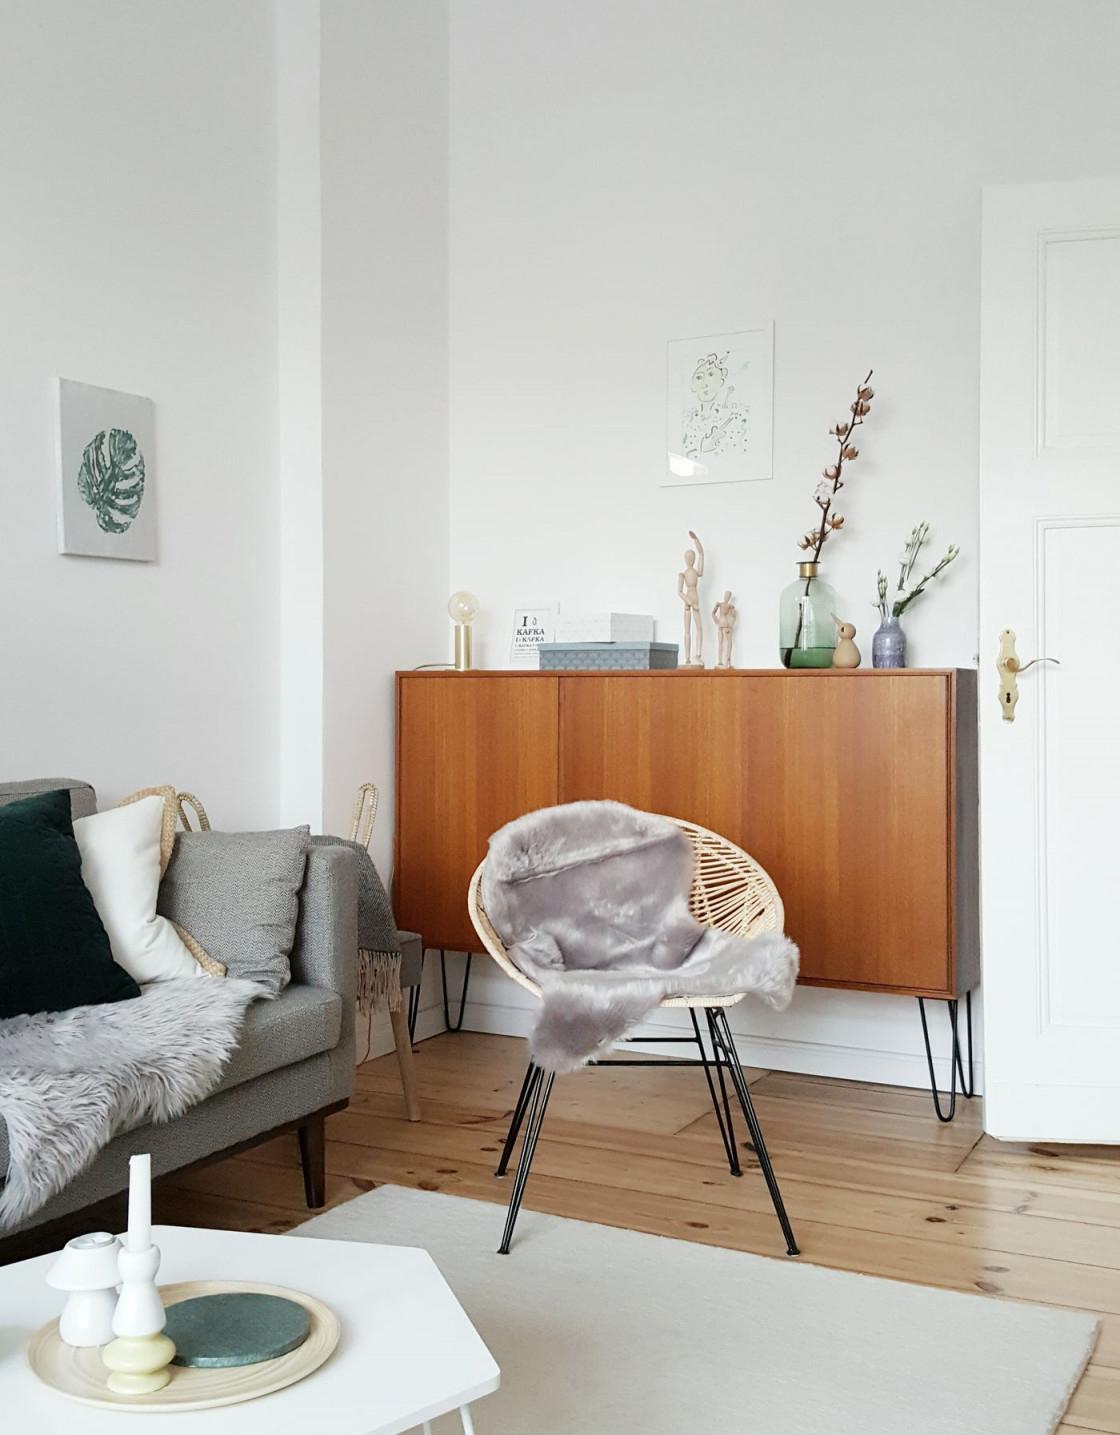 Das Retro Wohnzimmer von Retro Wohnzimmer Ideen Photo